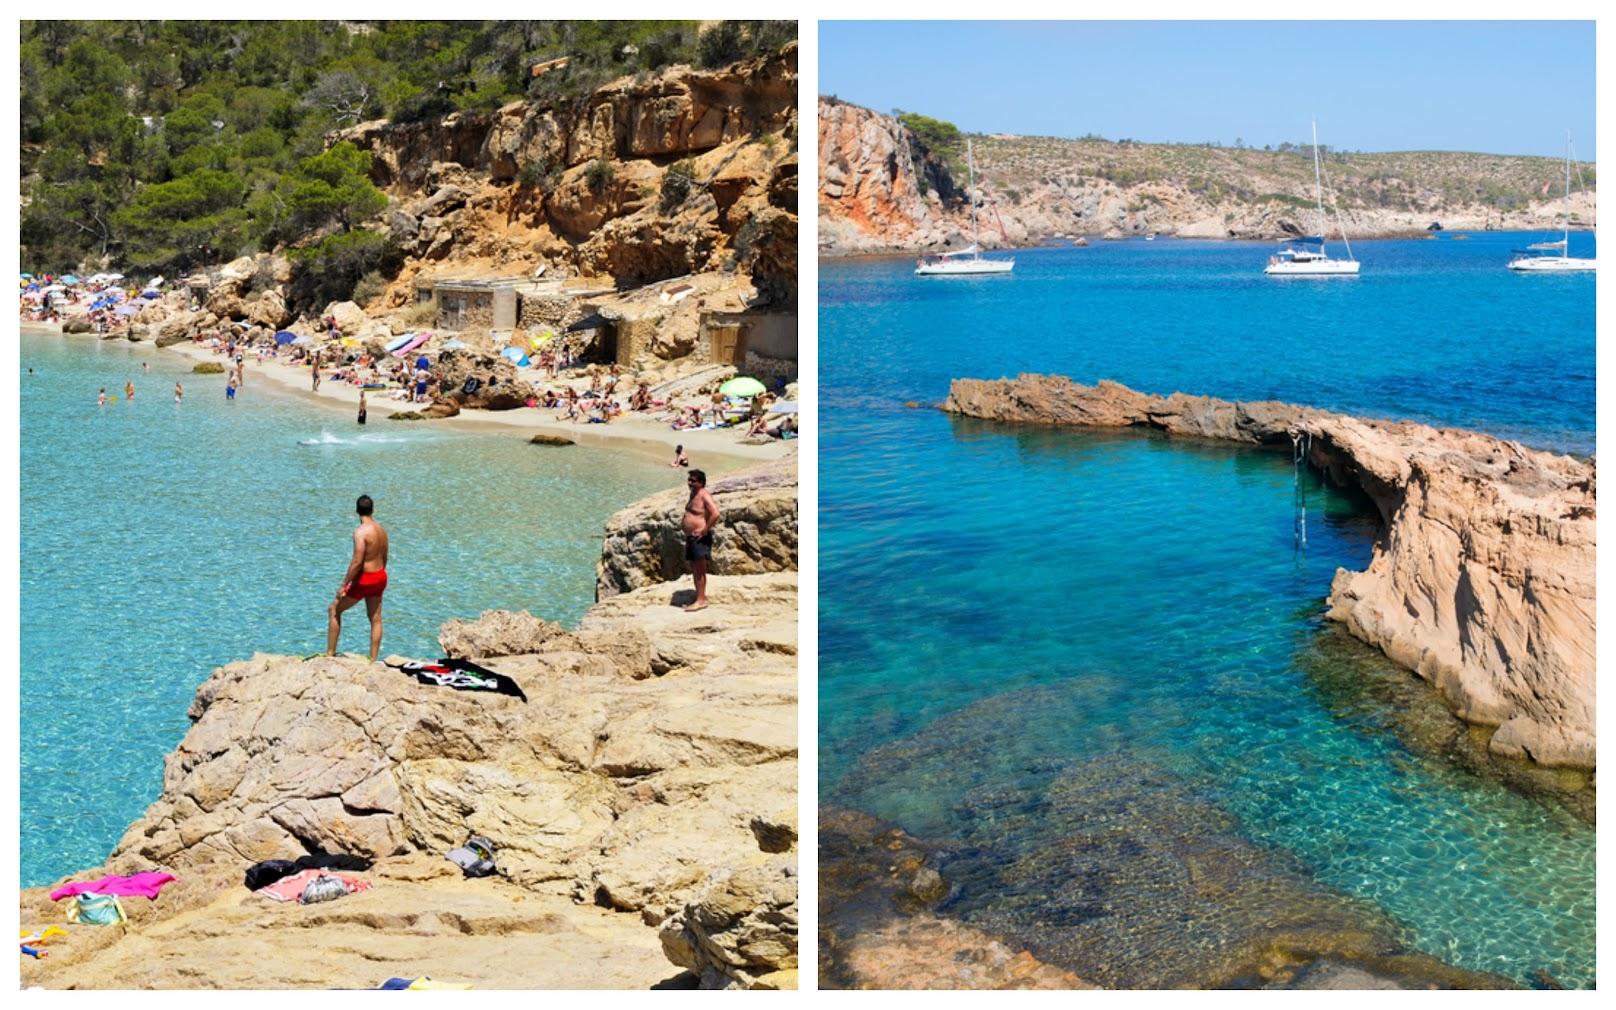 mejores playas de Ibiza y calas bonitas de Ibiza